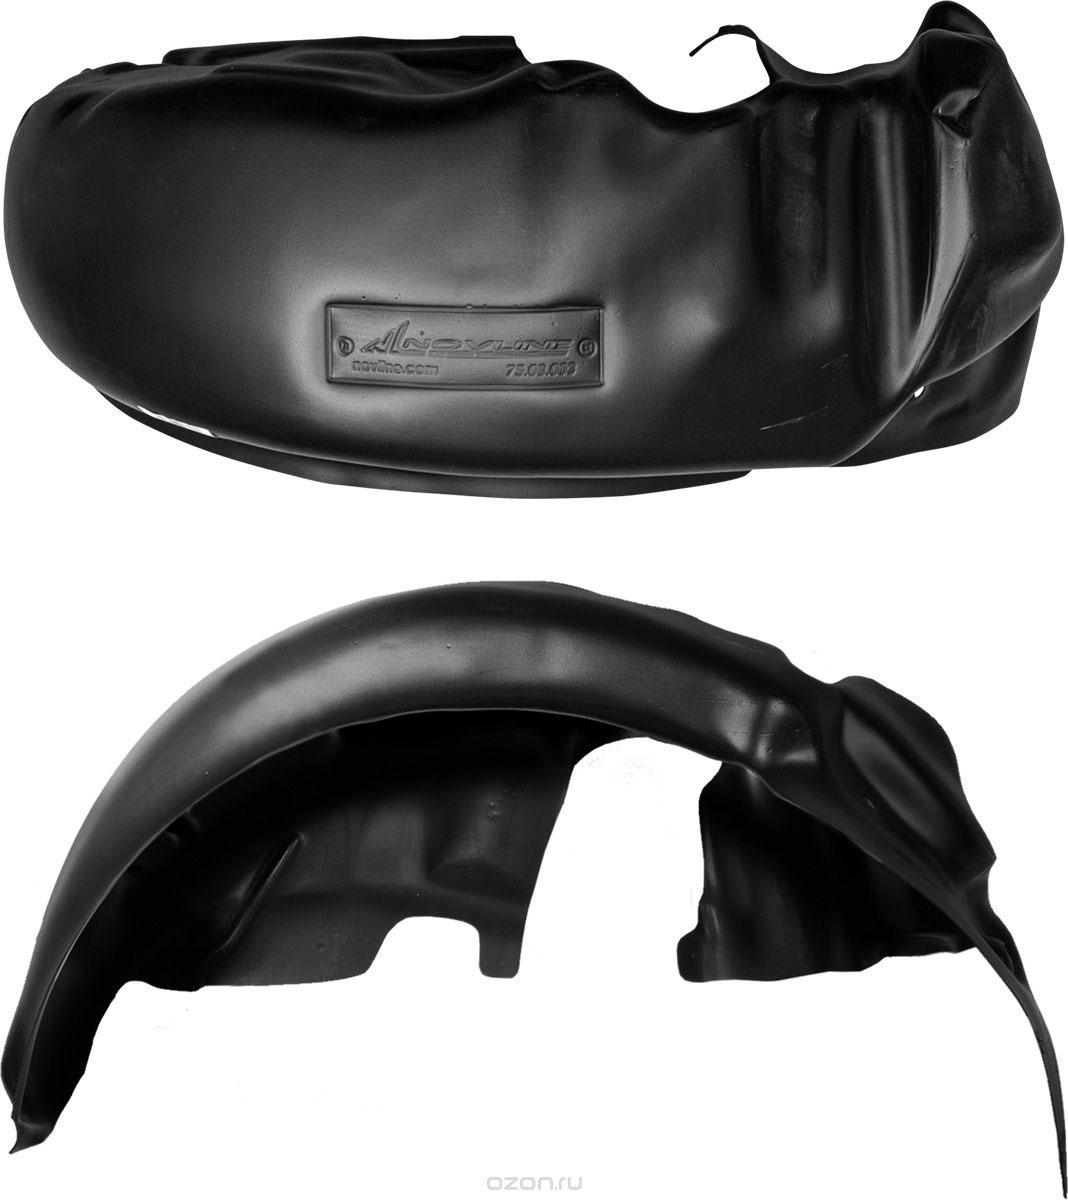 Подкрылок Novline-Autofamily, для Toyota Corolla, 01/2007-2010, 2010-2013, передний правыйNLL.48.15.002Идеальная защита колесной ниши. Локеры разработаны с применением цифровых технологий, гарантируют максимальную повторяемость поверхности арки. Изделия устанавливаются без нарушения лакокрасочного покрытия автомобиля, каждый подкрылок комплектуется крепежом. Уважаемые клиенты, обращаем ваше внимание, что фотографии на подкрылки универсальные и не отражают реальную форму изделия. При этом само изделие идет точно под размер указанного автомобиля.